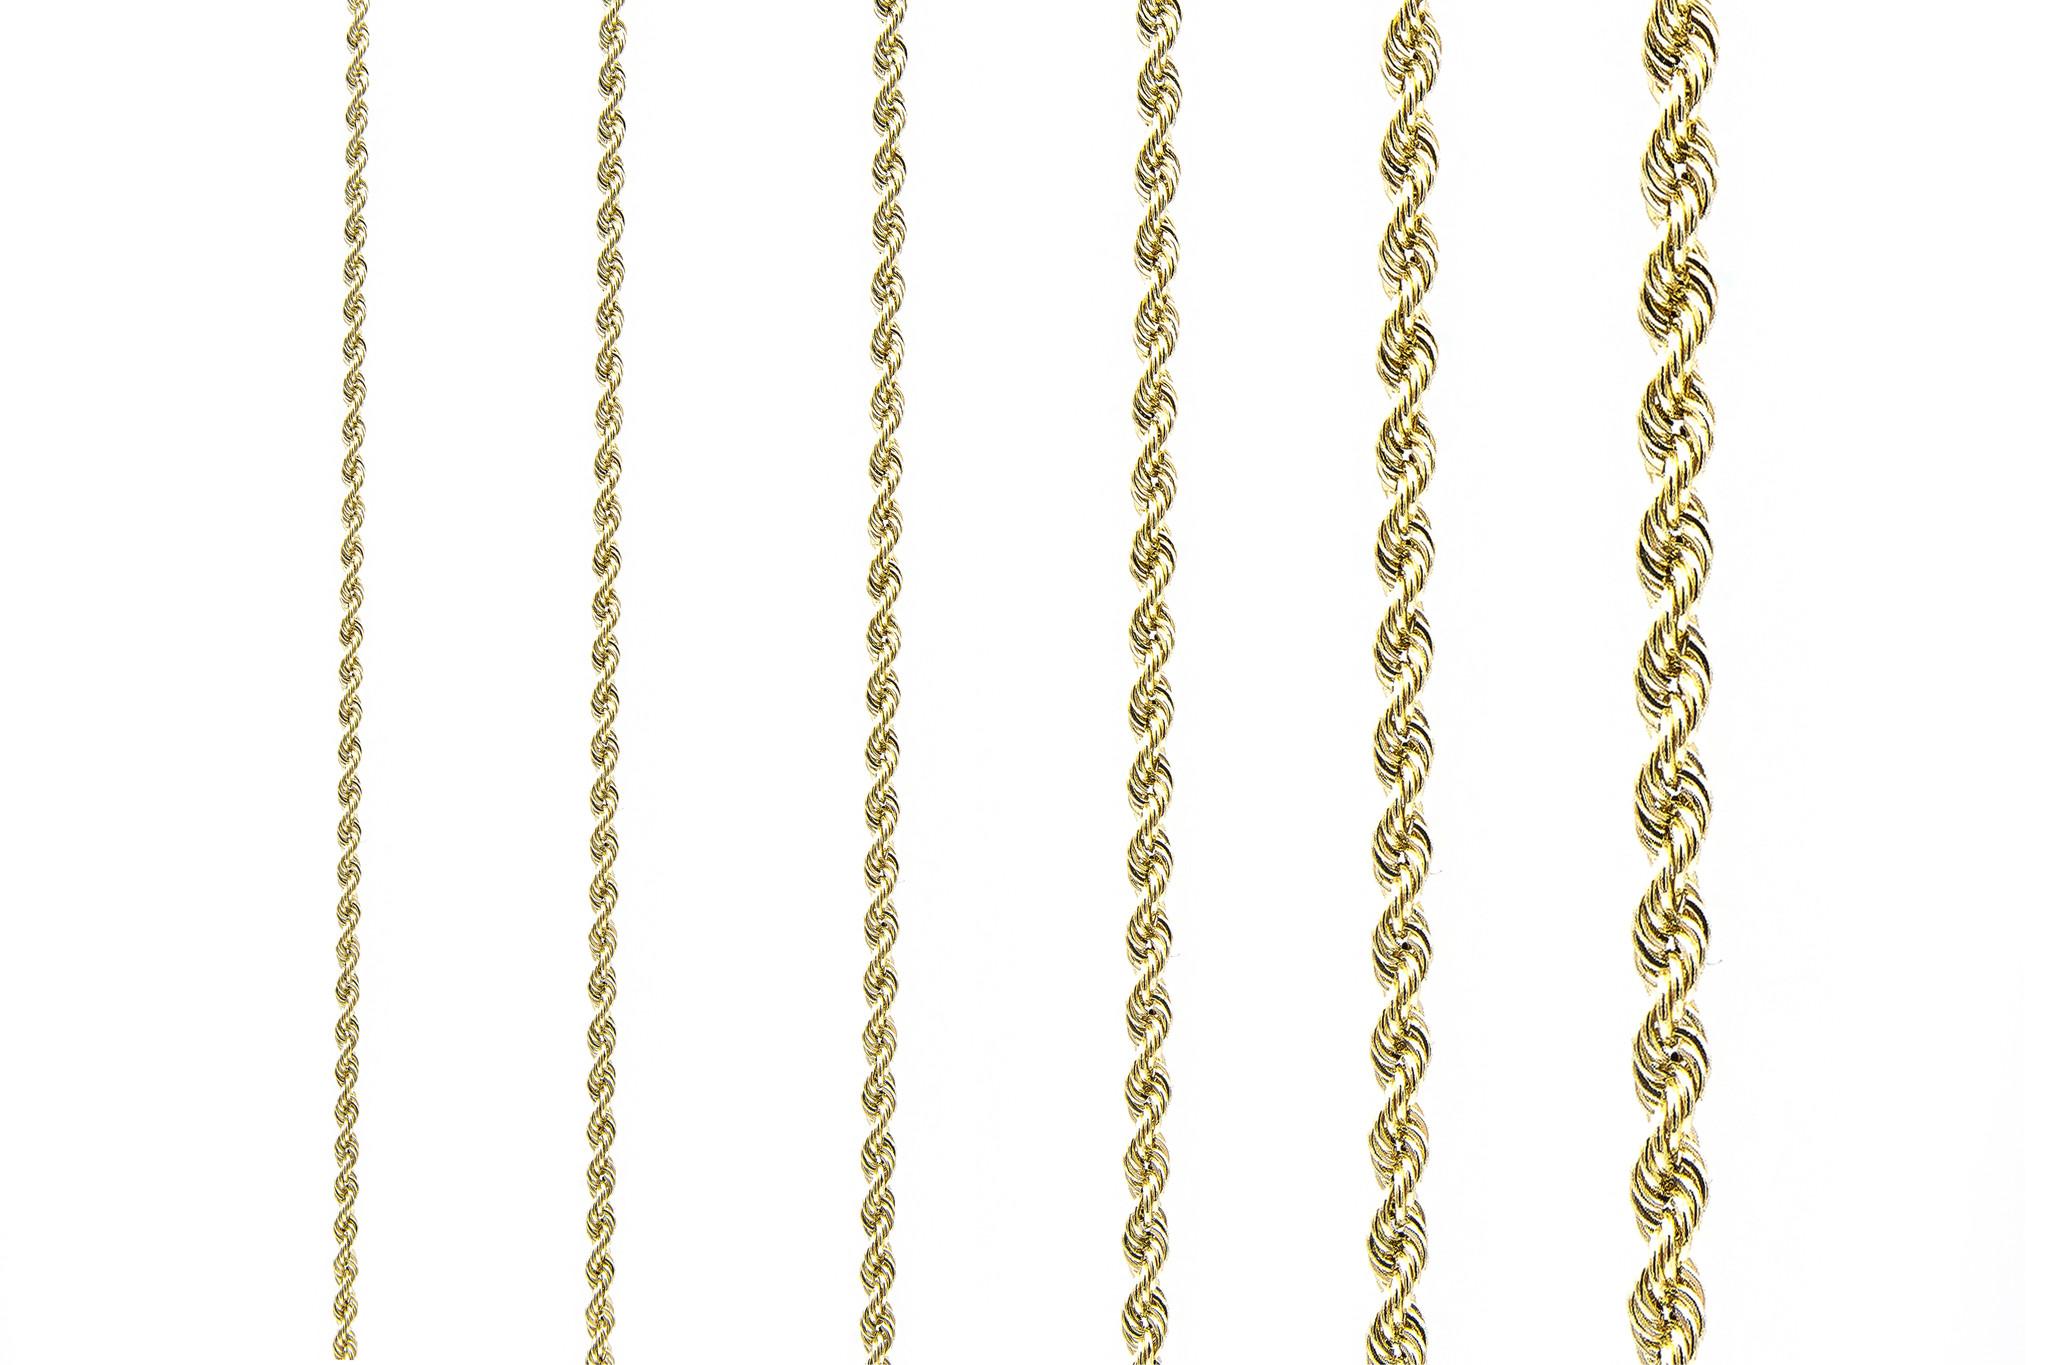 Rope chain roségoud 18kt 2.5mm-3